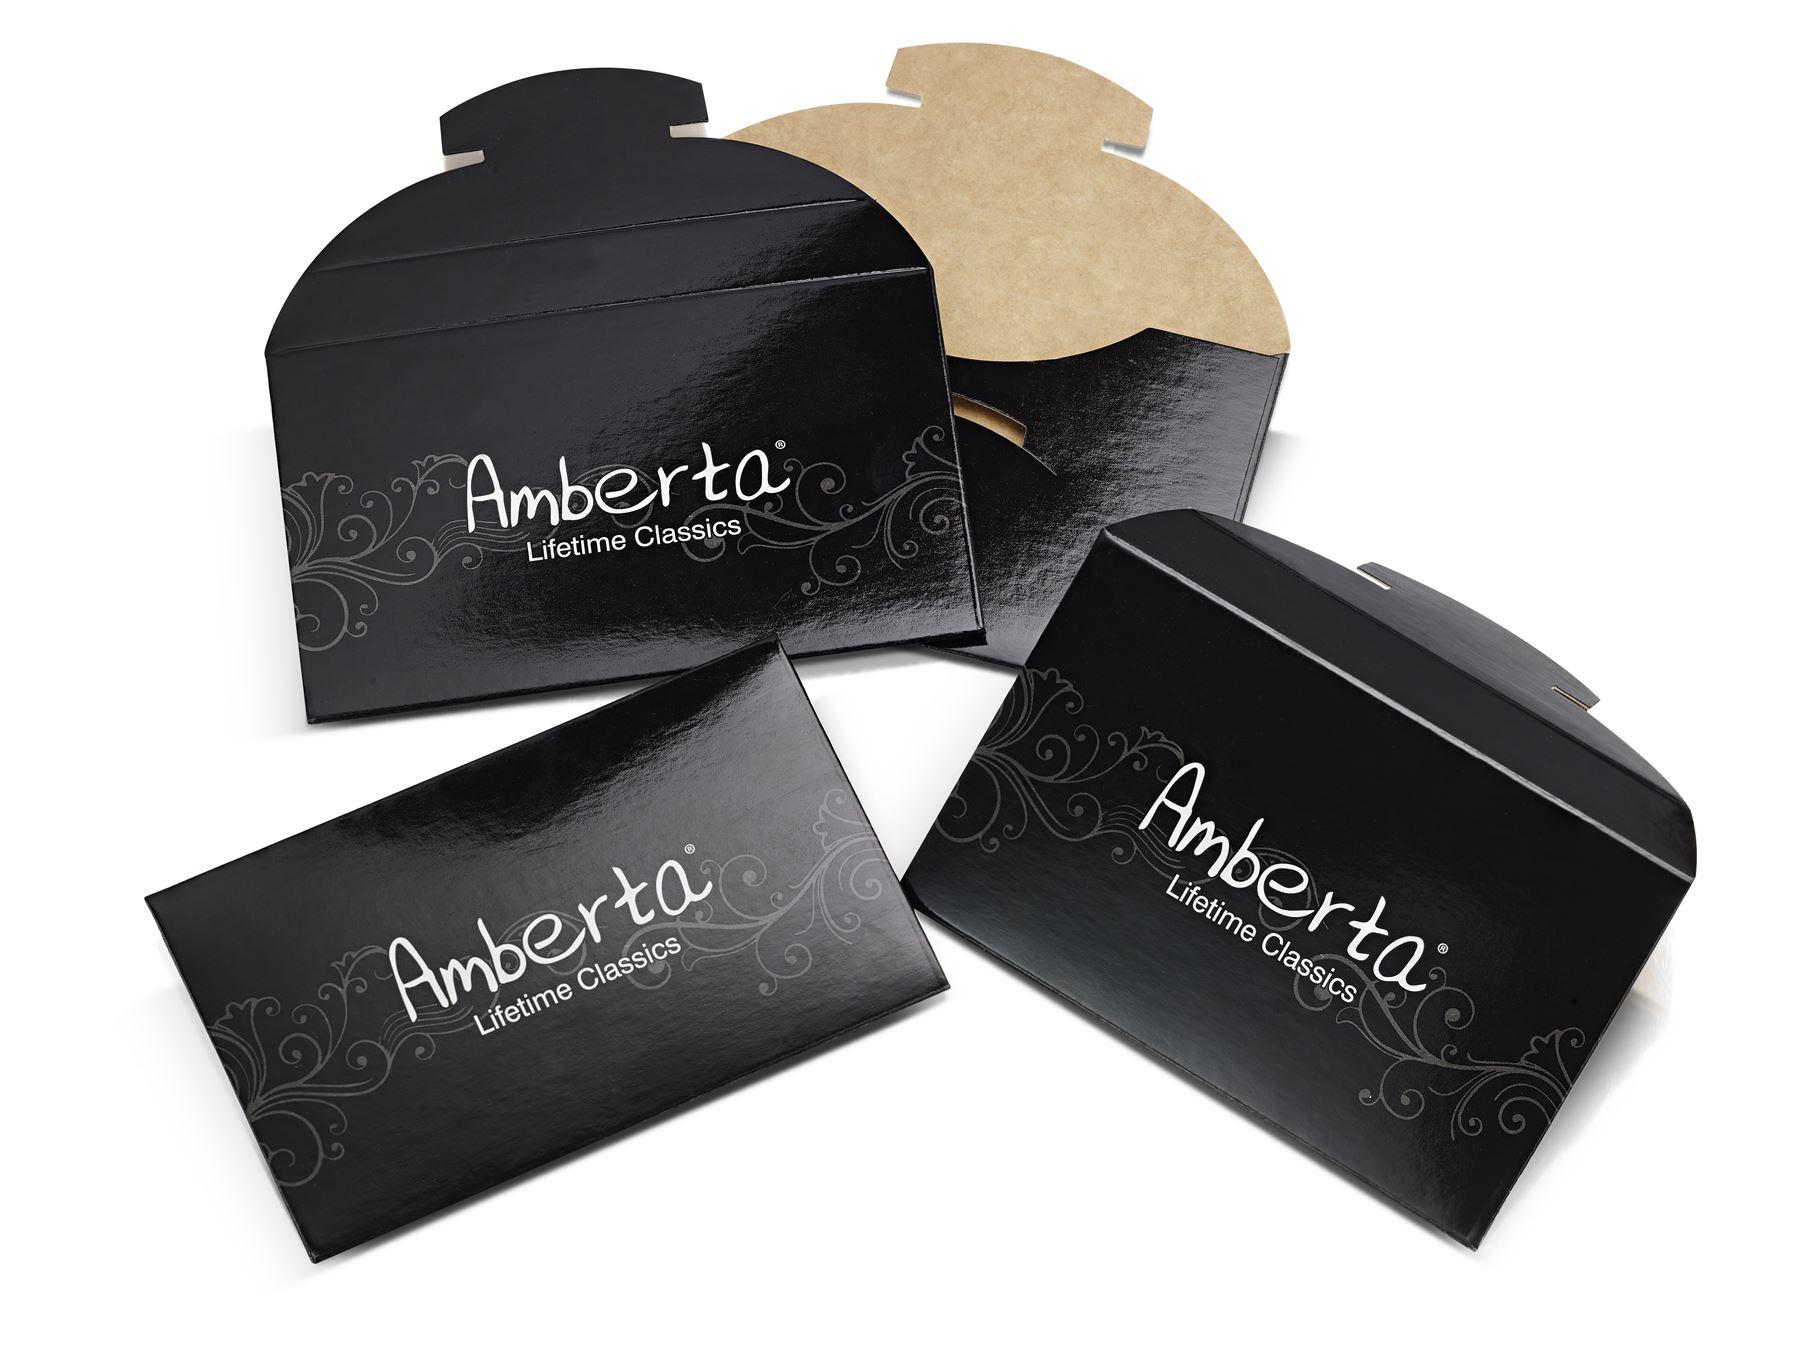 Amberta-Bijoux-Bracelet-en-Vrai-Argent-Sterling-925-Chaine-pour-Femme-a-la-Mode thumbnail 67